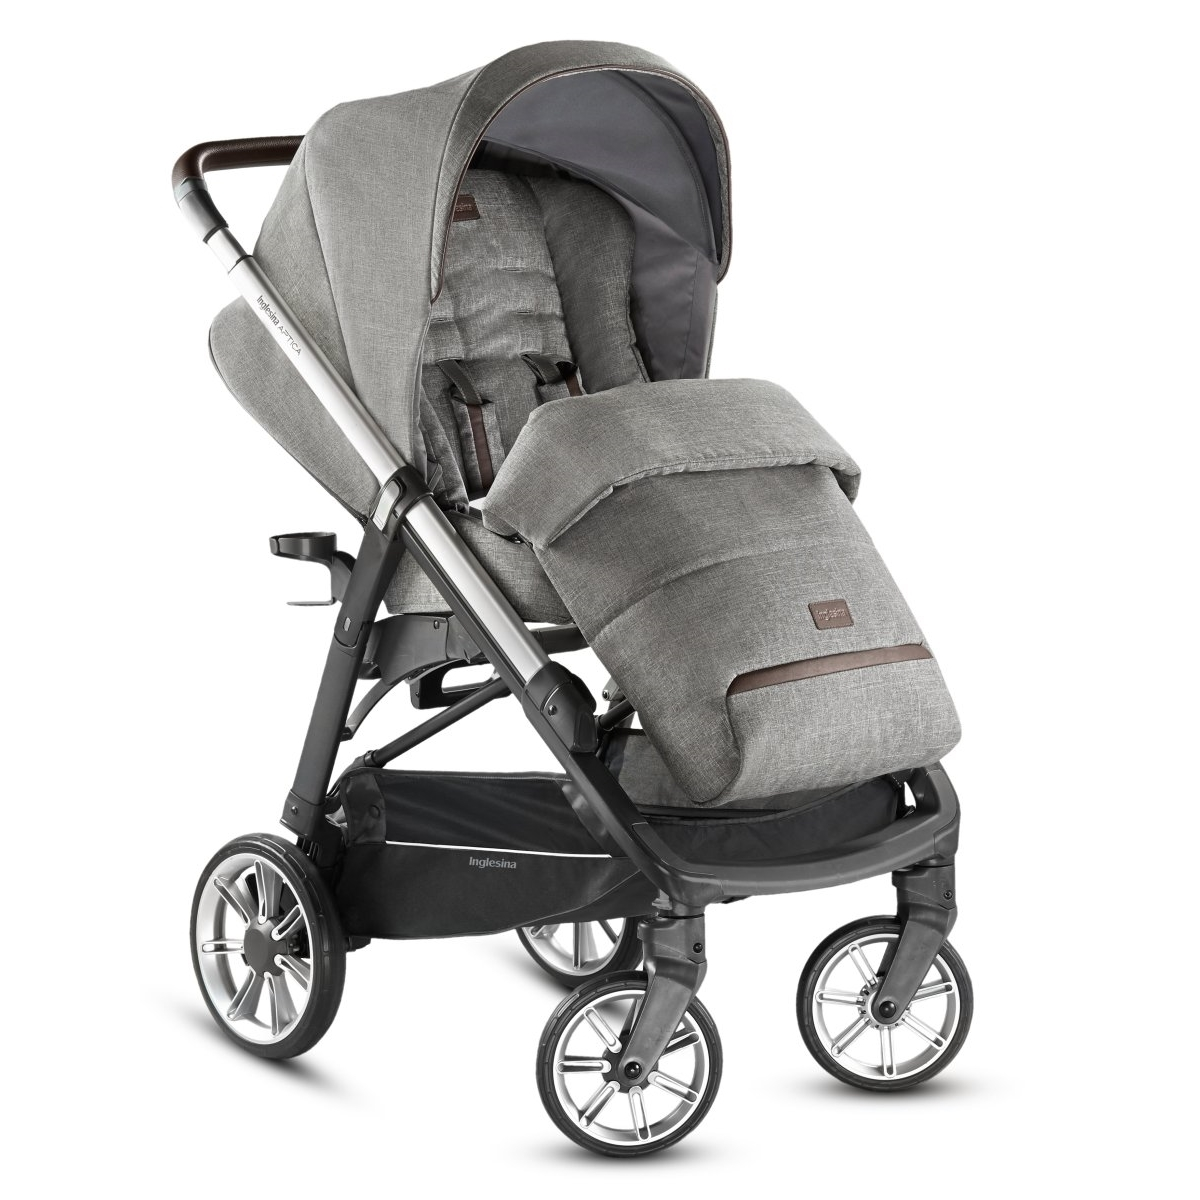 Carro bebé Inglesina Aptica Baby Stroller